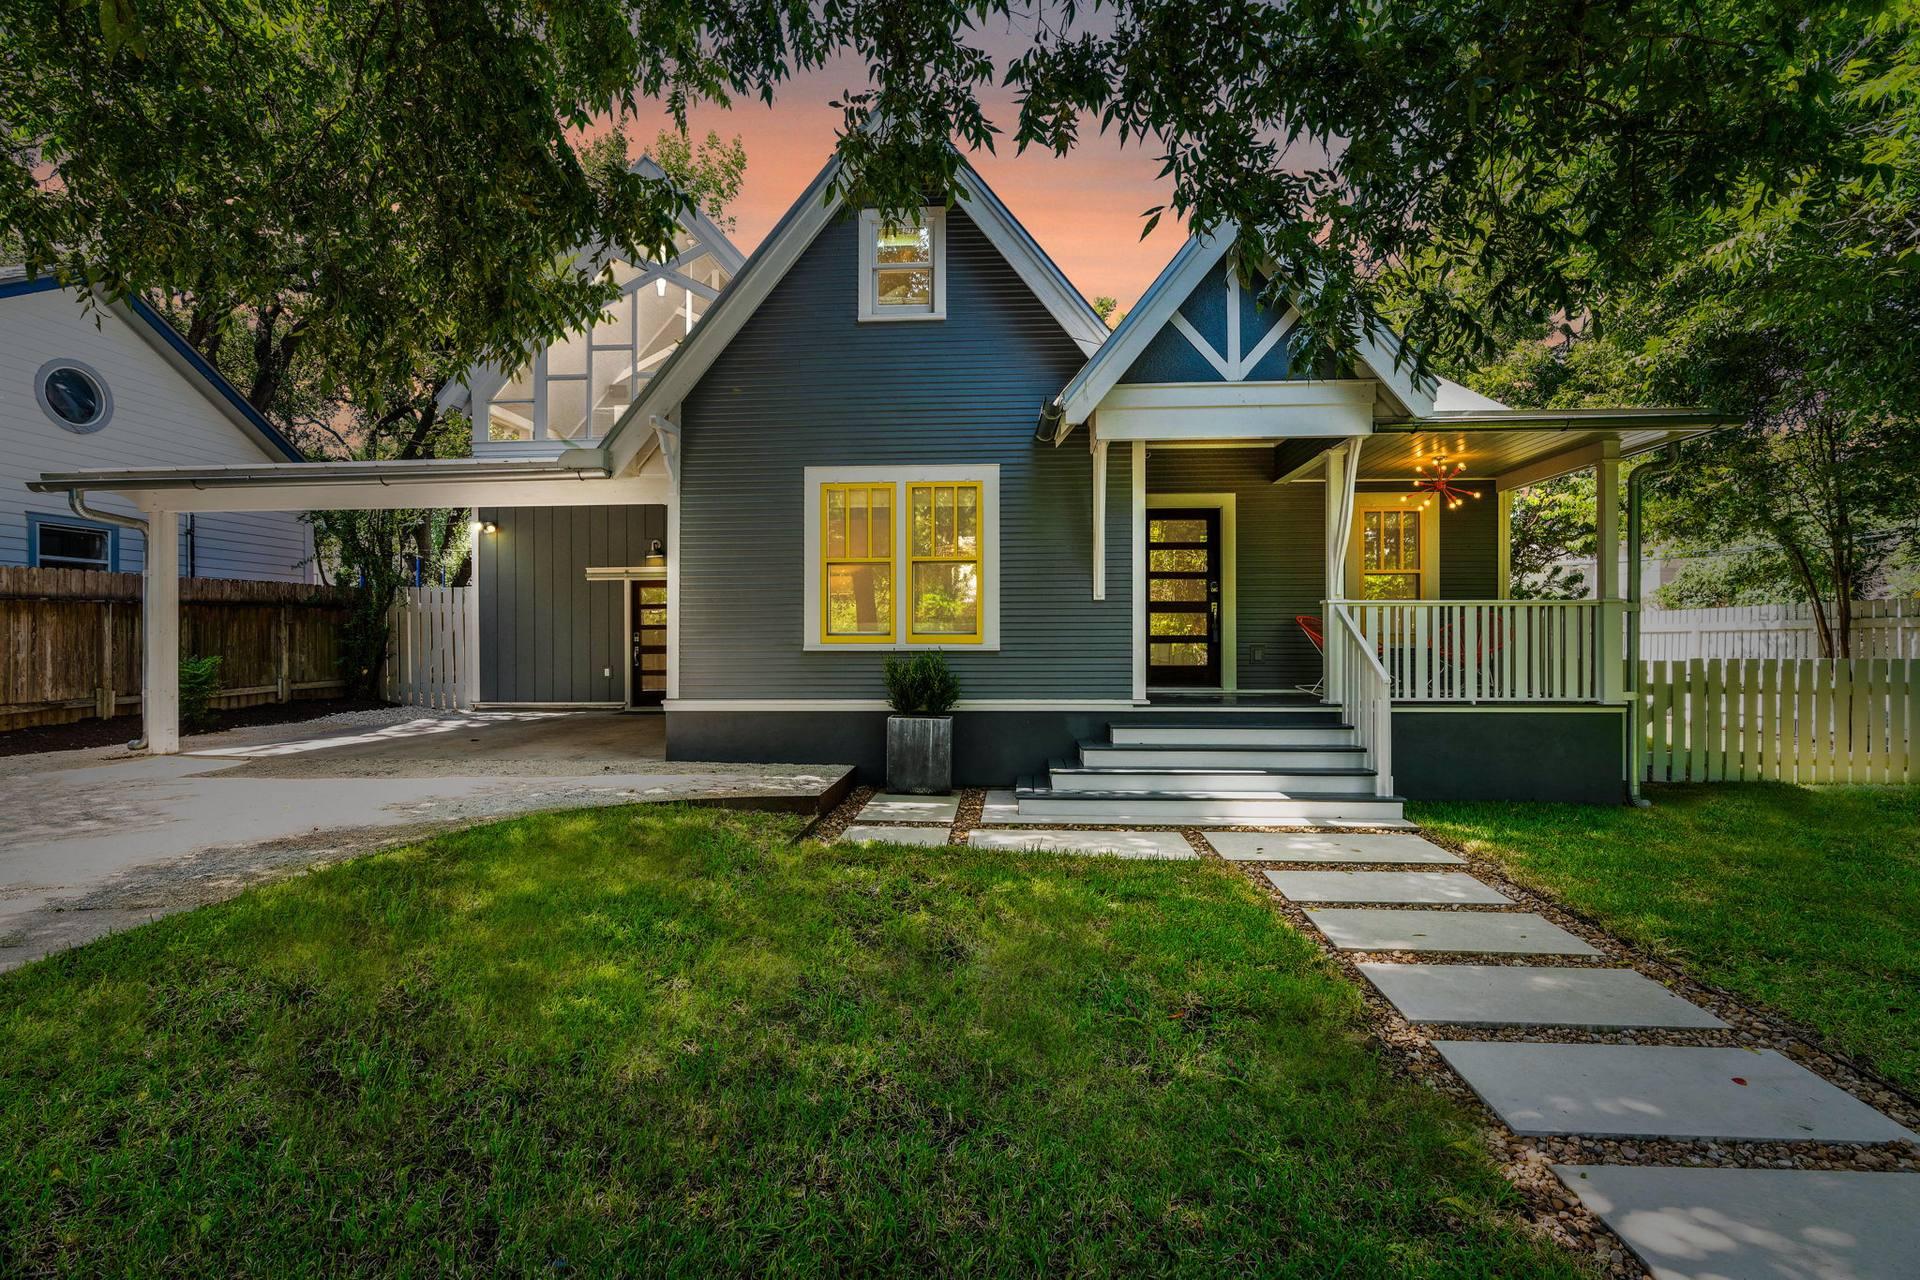 907 Juanita St, Austin, TX 78704, USA